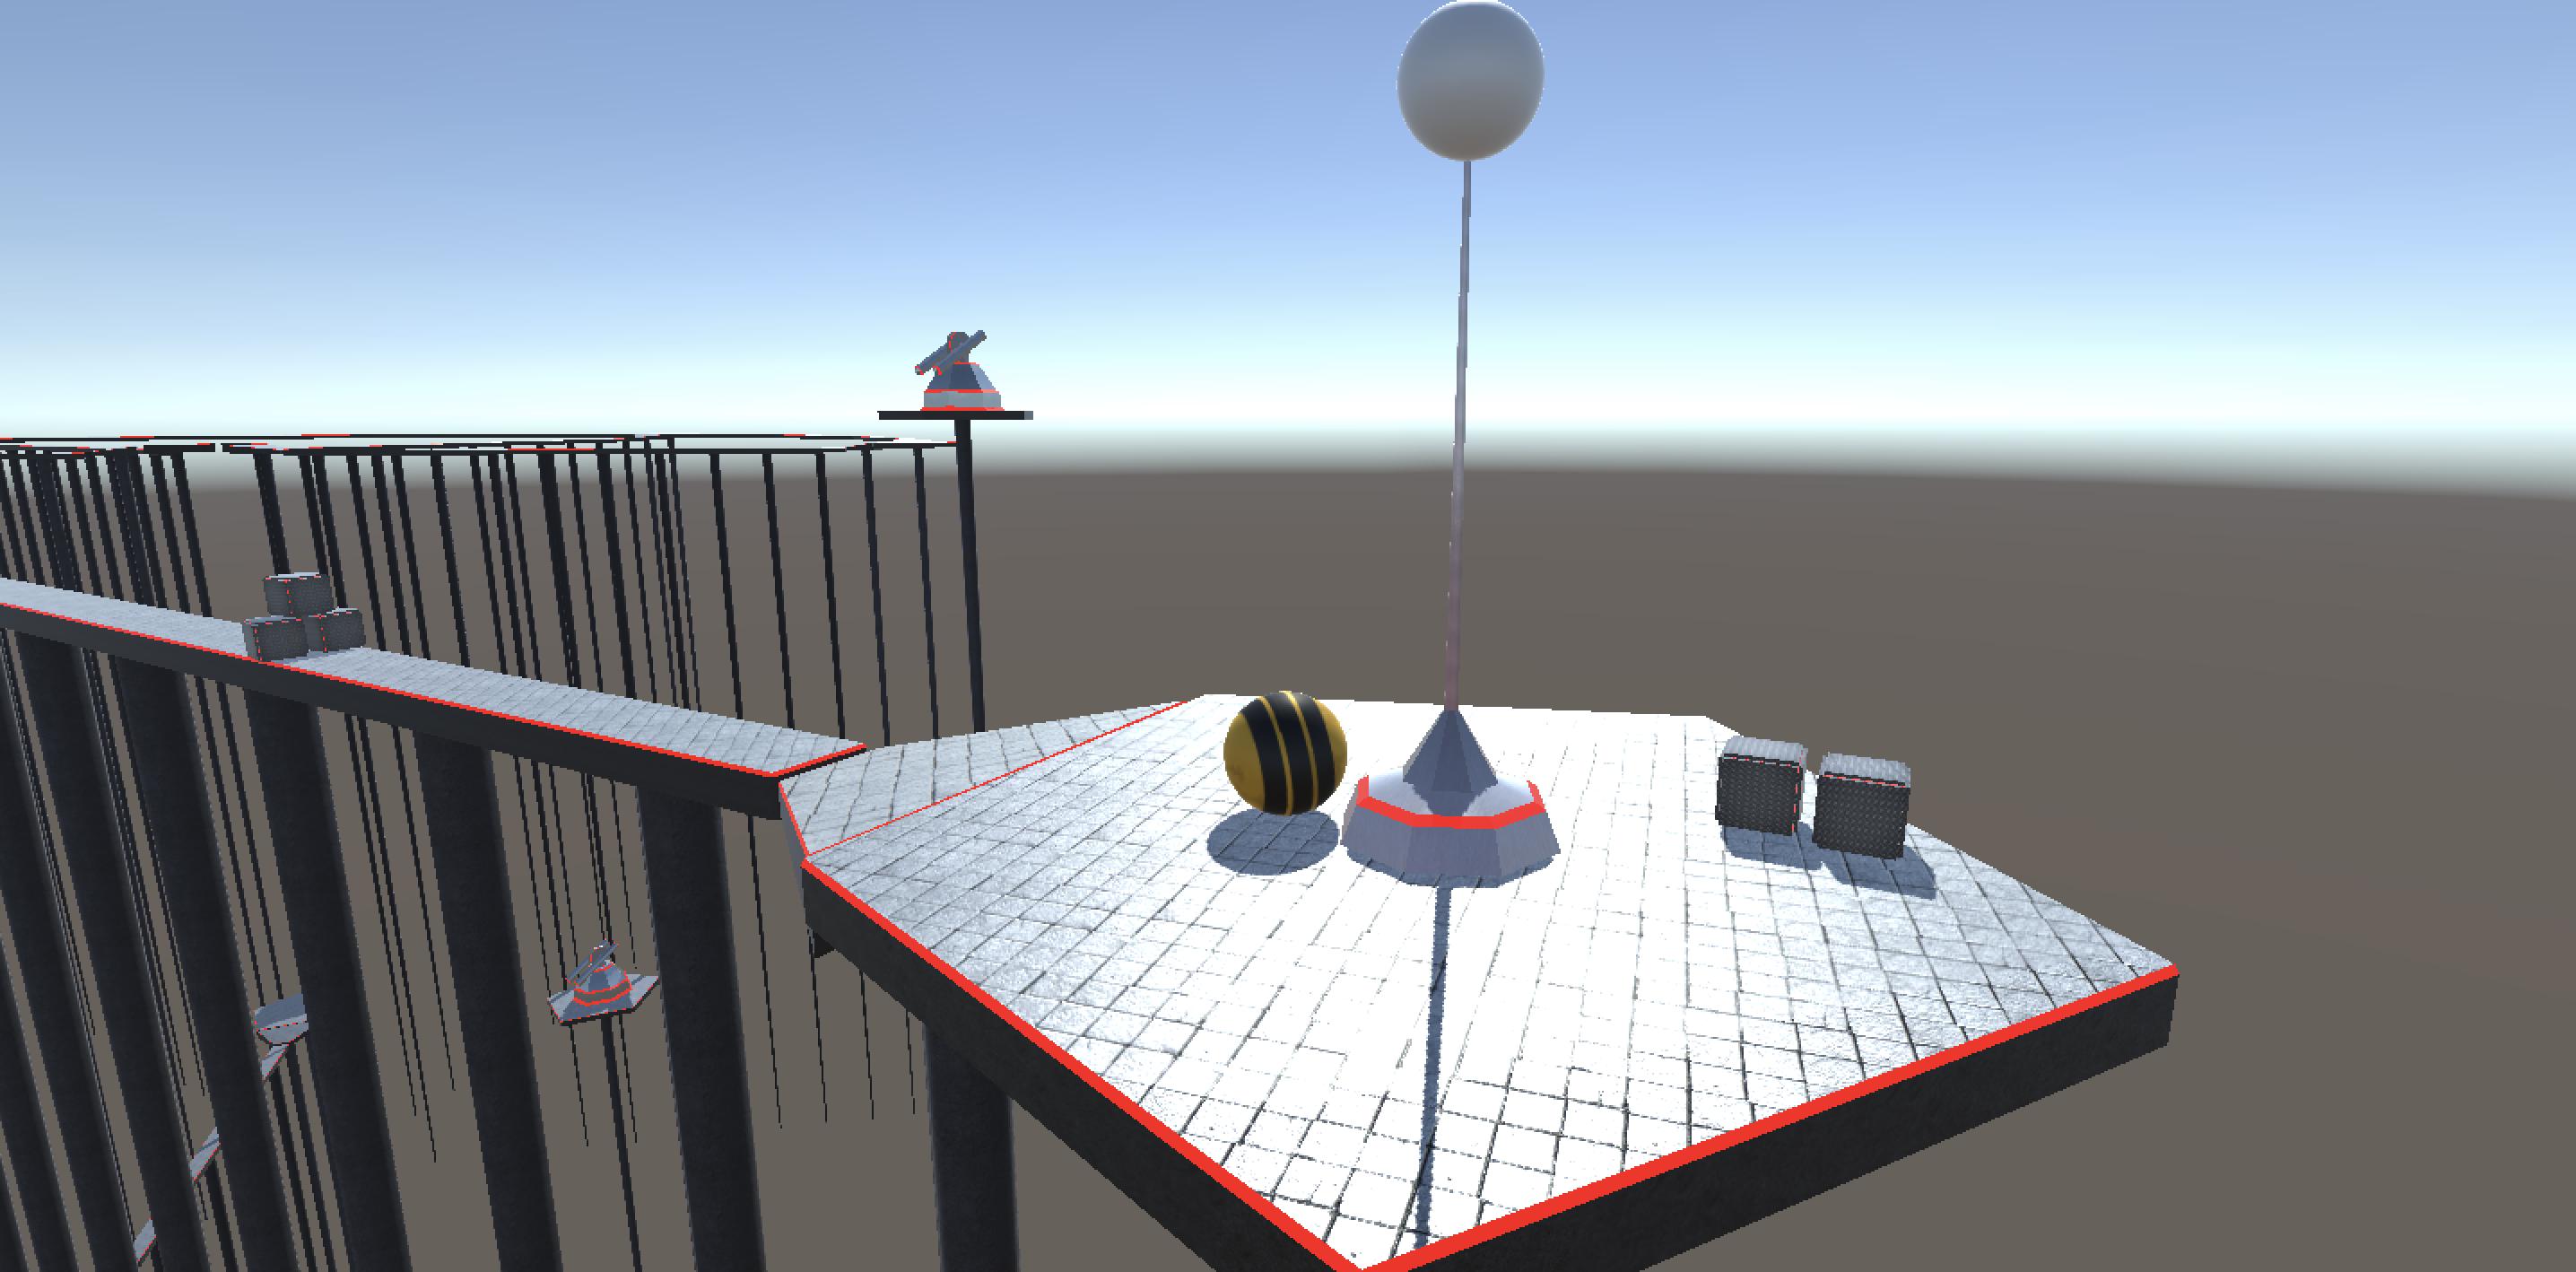 Ball Arcade